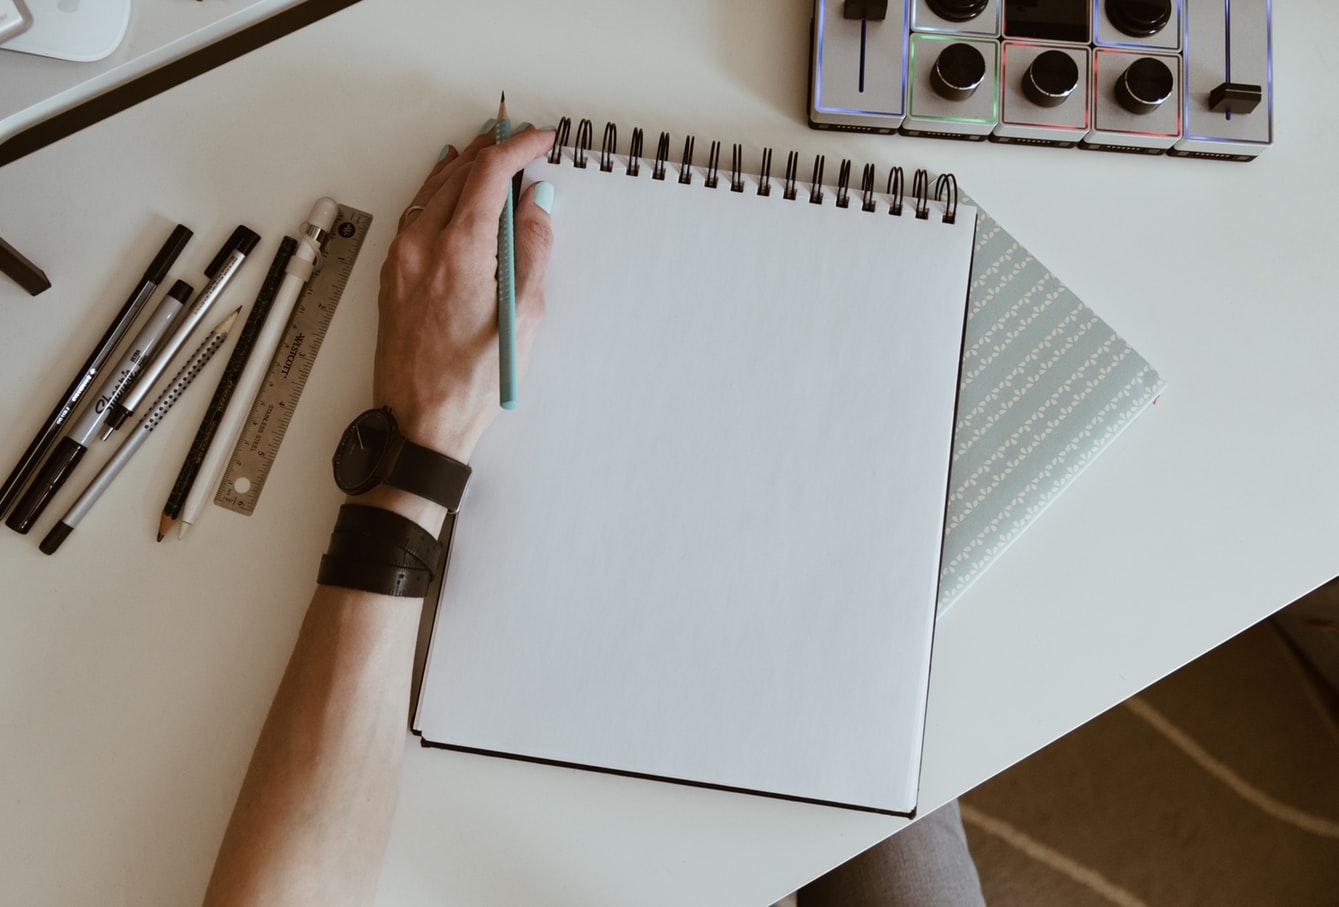 desenhe rapido usando o braço todo